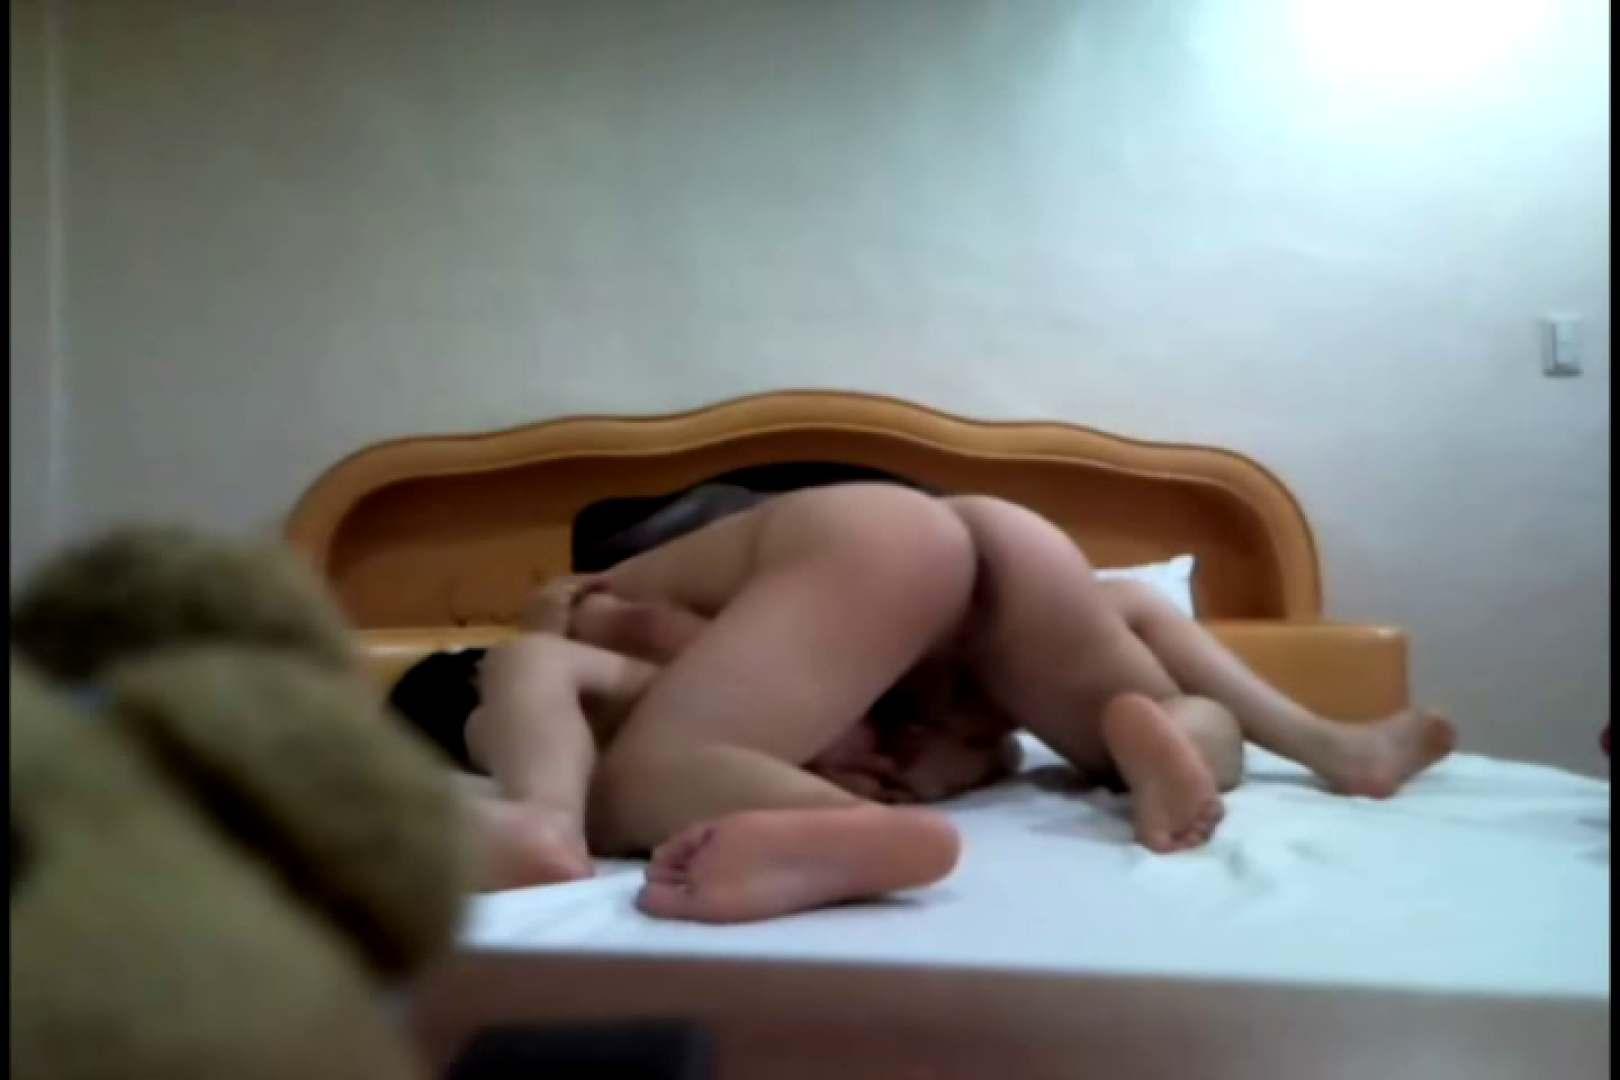 コリアン素人流出シリーズ ラブホテル隠し撮り ホテル | セックス  59PIX 25